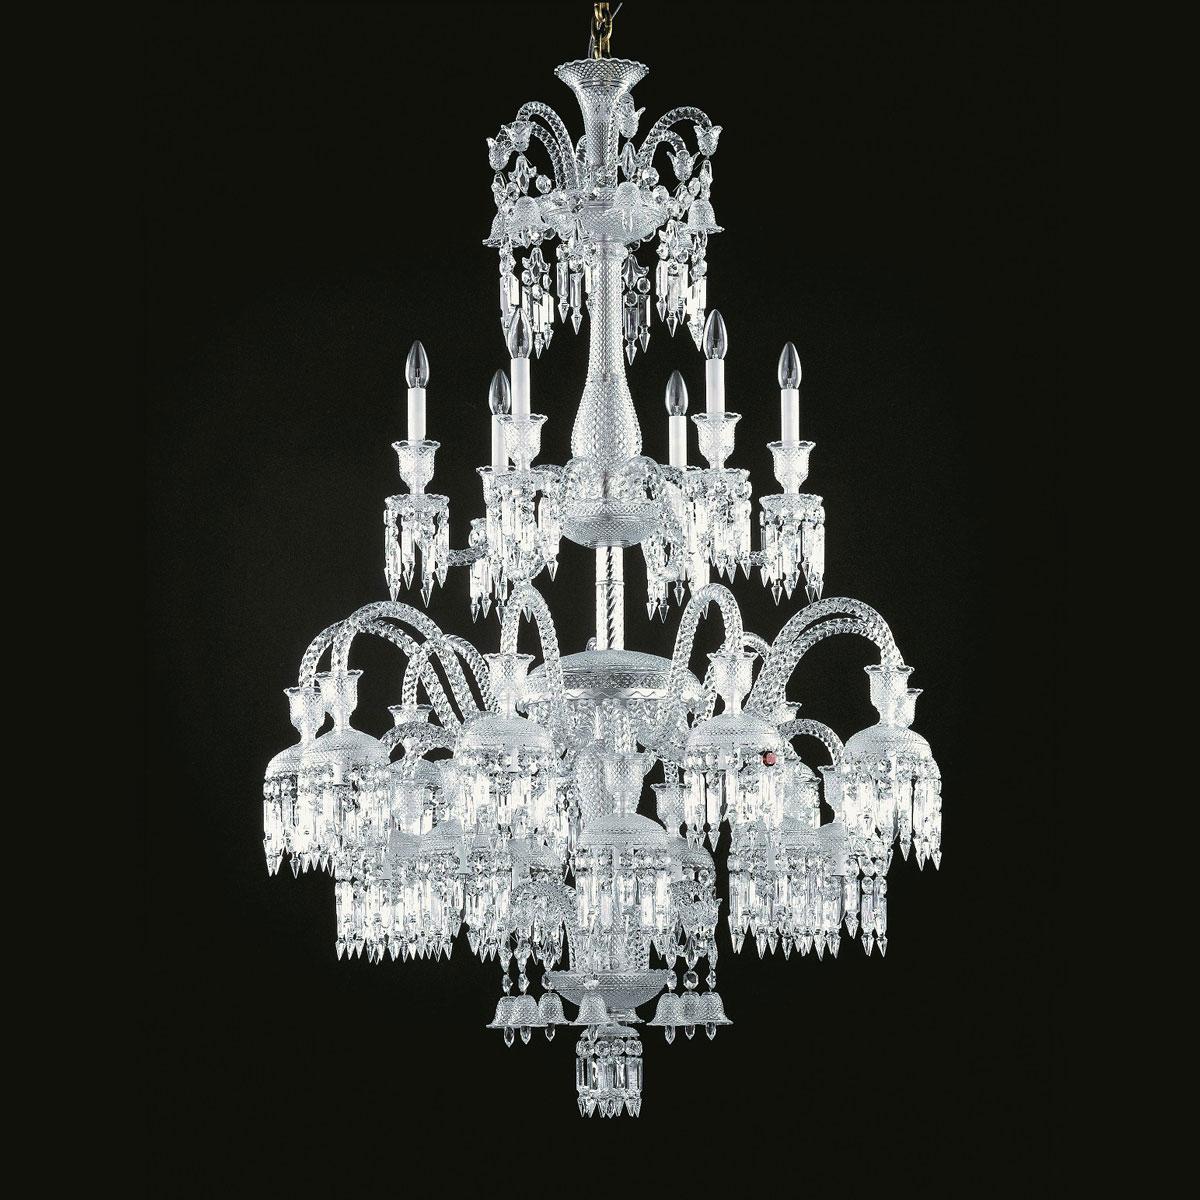 Baccarat Crystal, Solstice 24 Light Chandelier